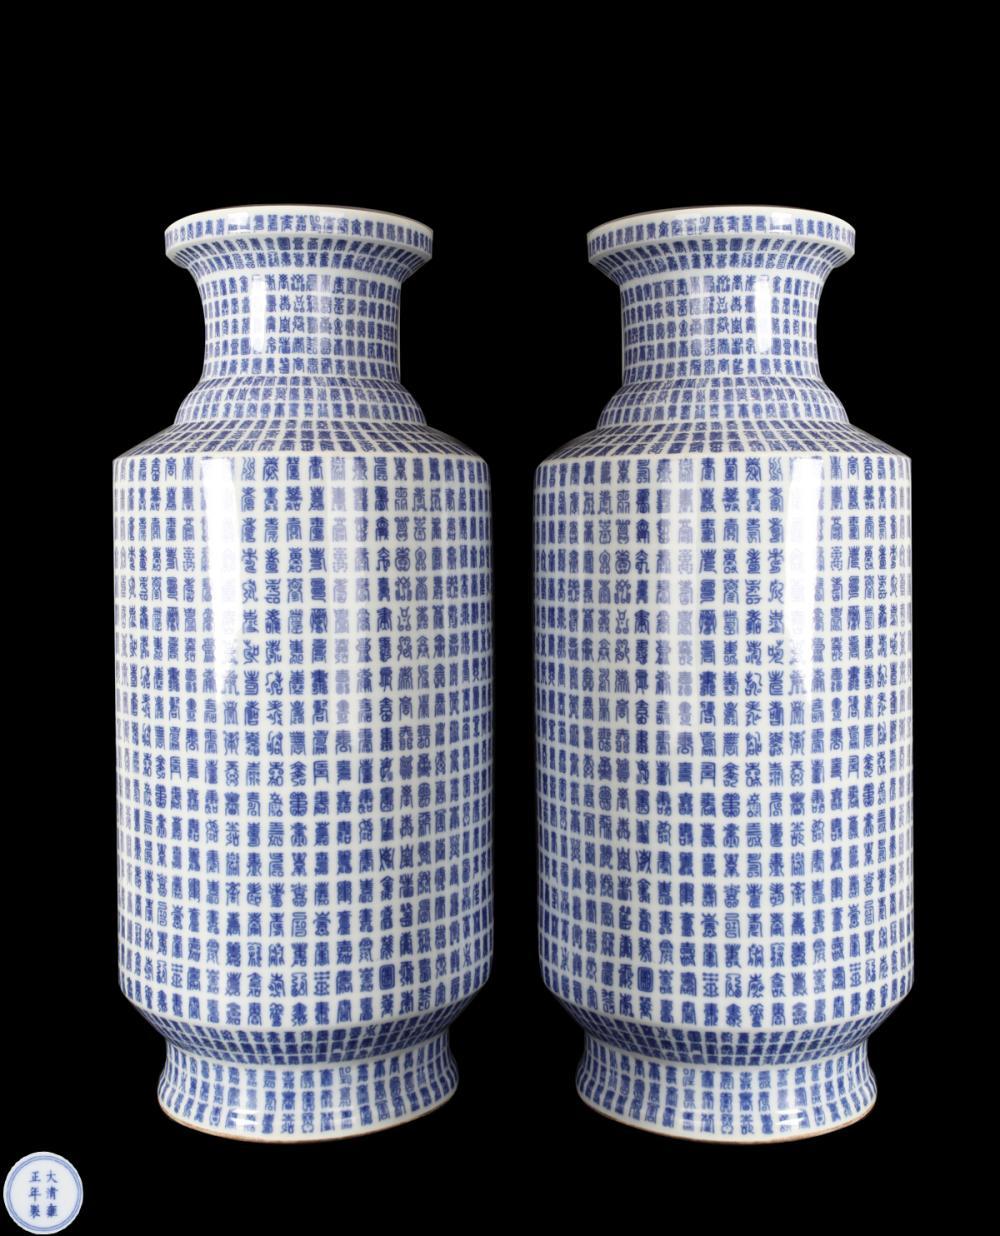 A PAIR OF BLUE & WHITE PORCELAIN VASE IN LONGEVITY DESIGN